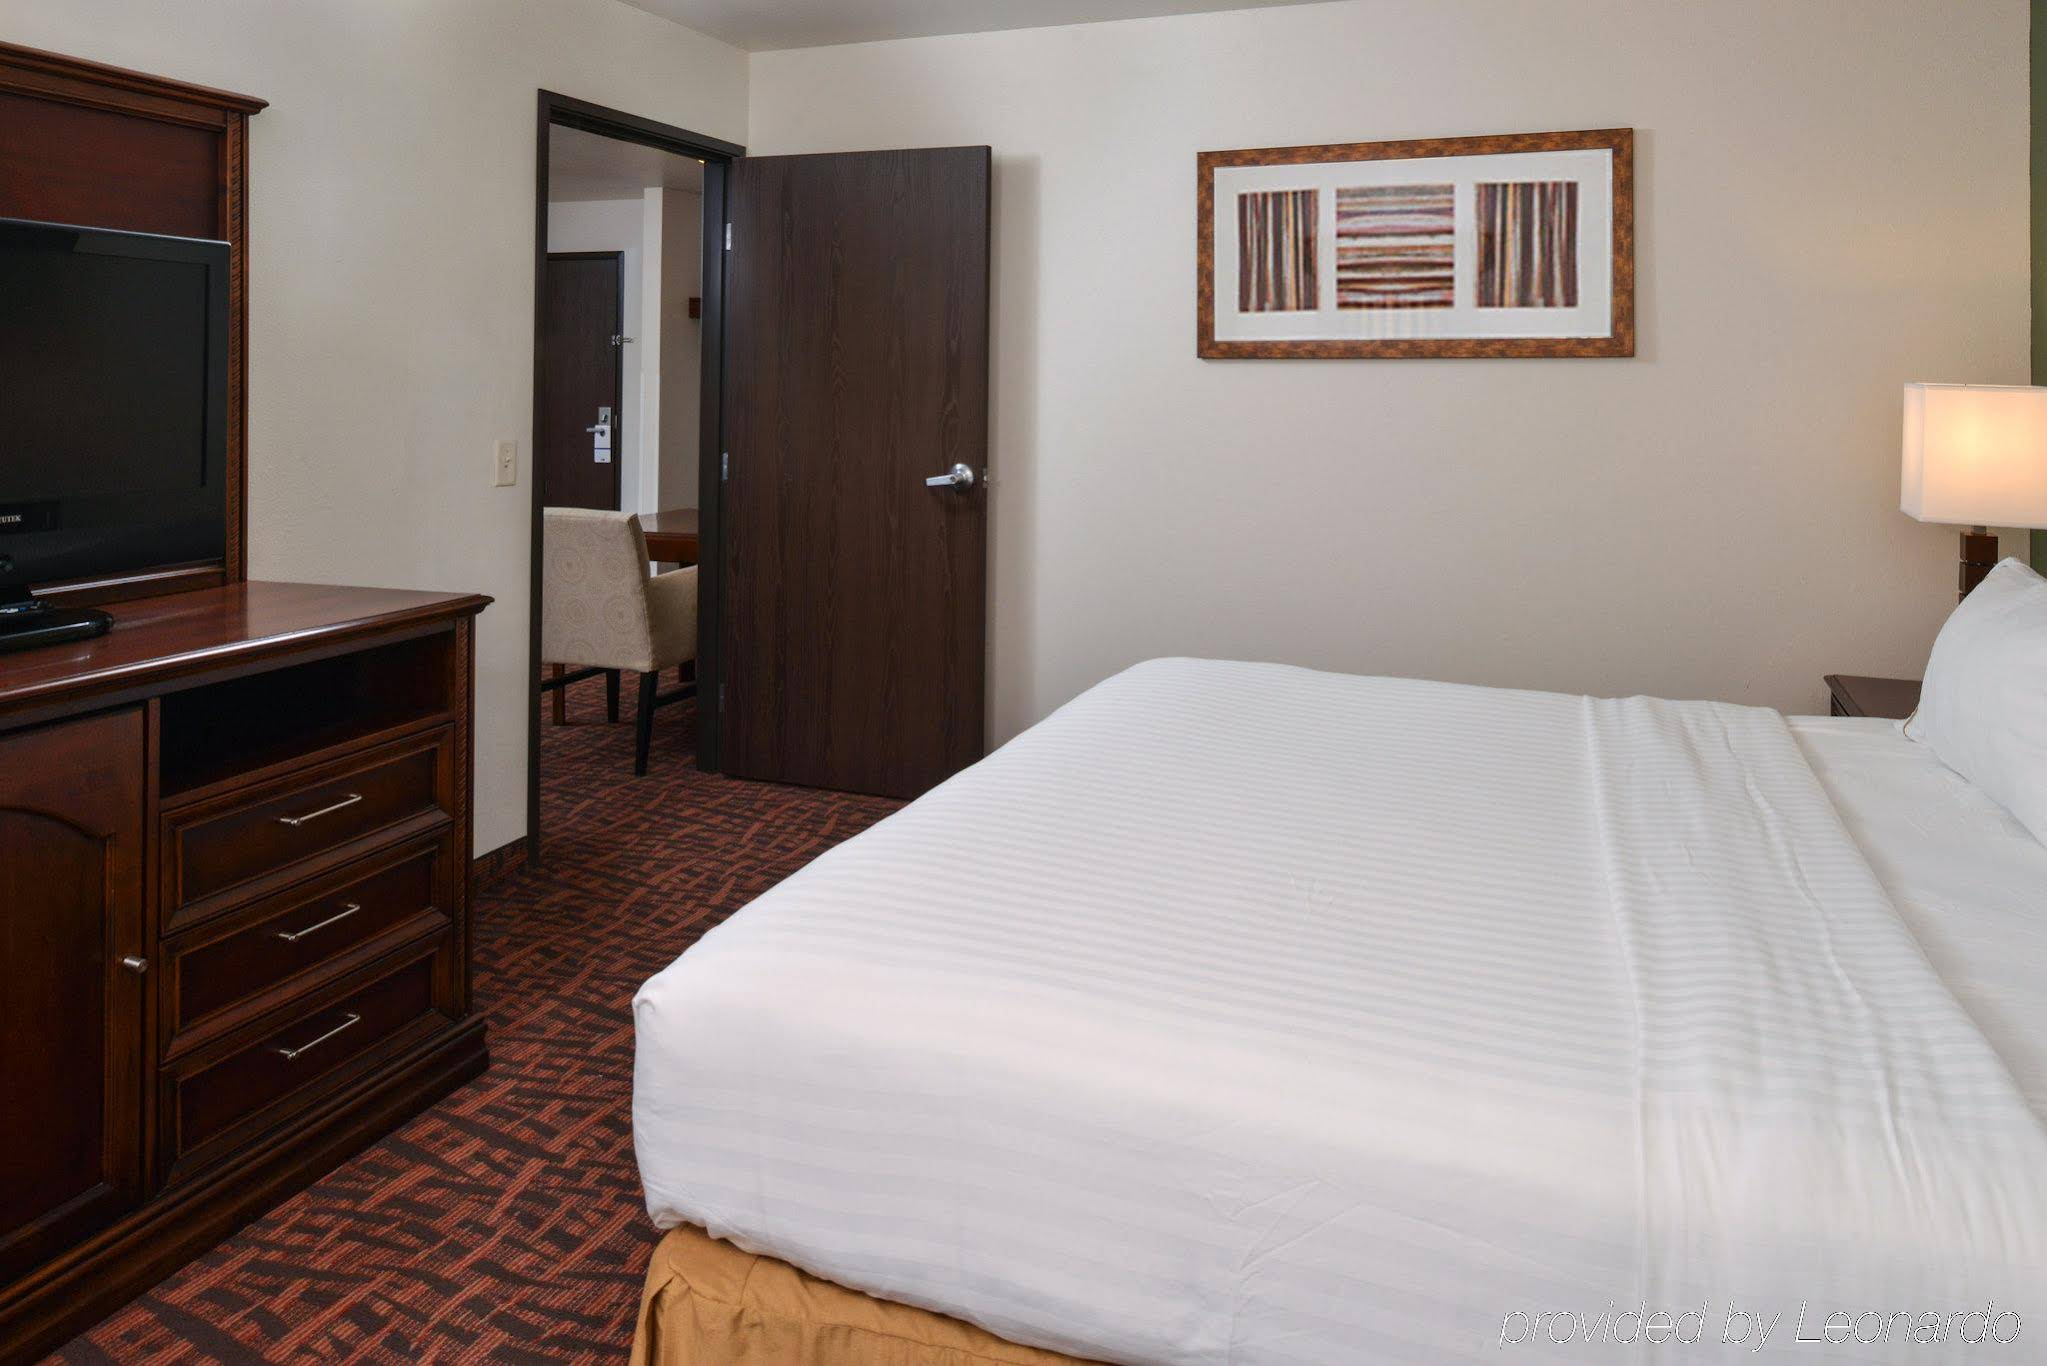 Holiday Inn Express Cherry Hills